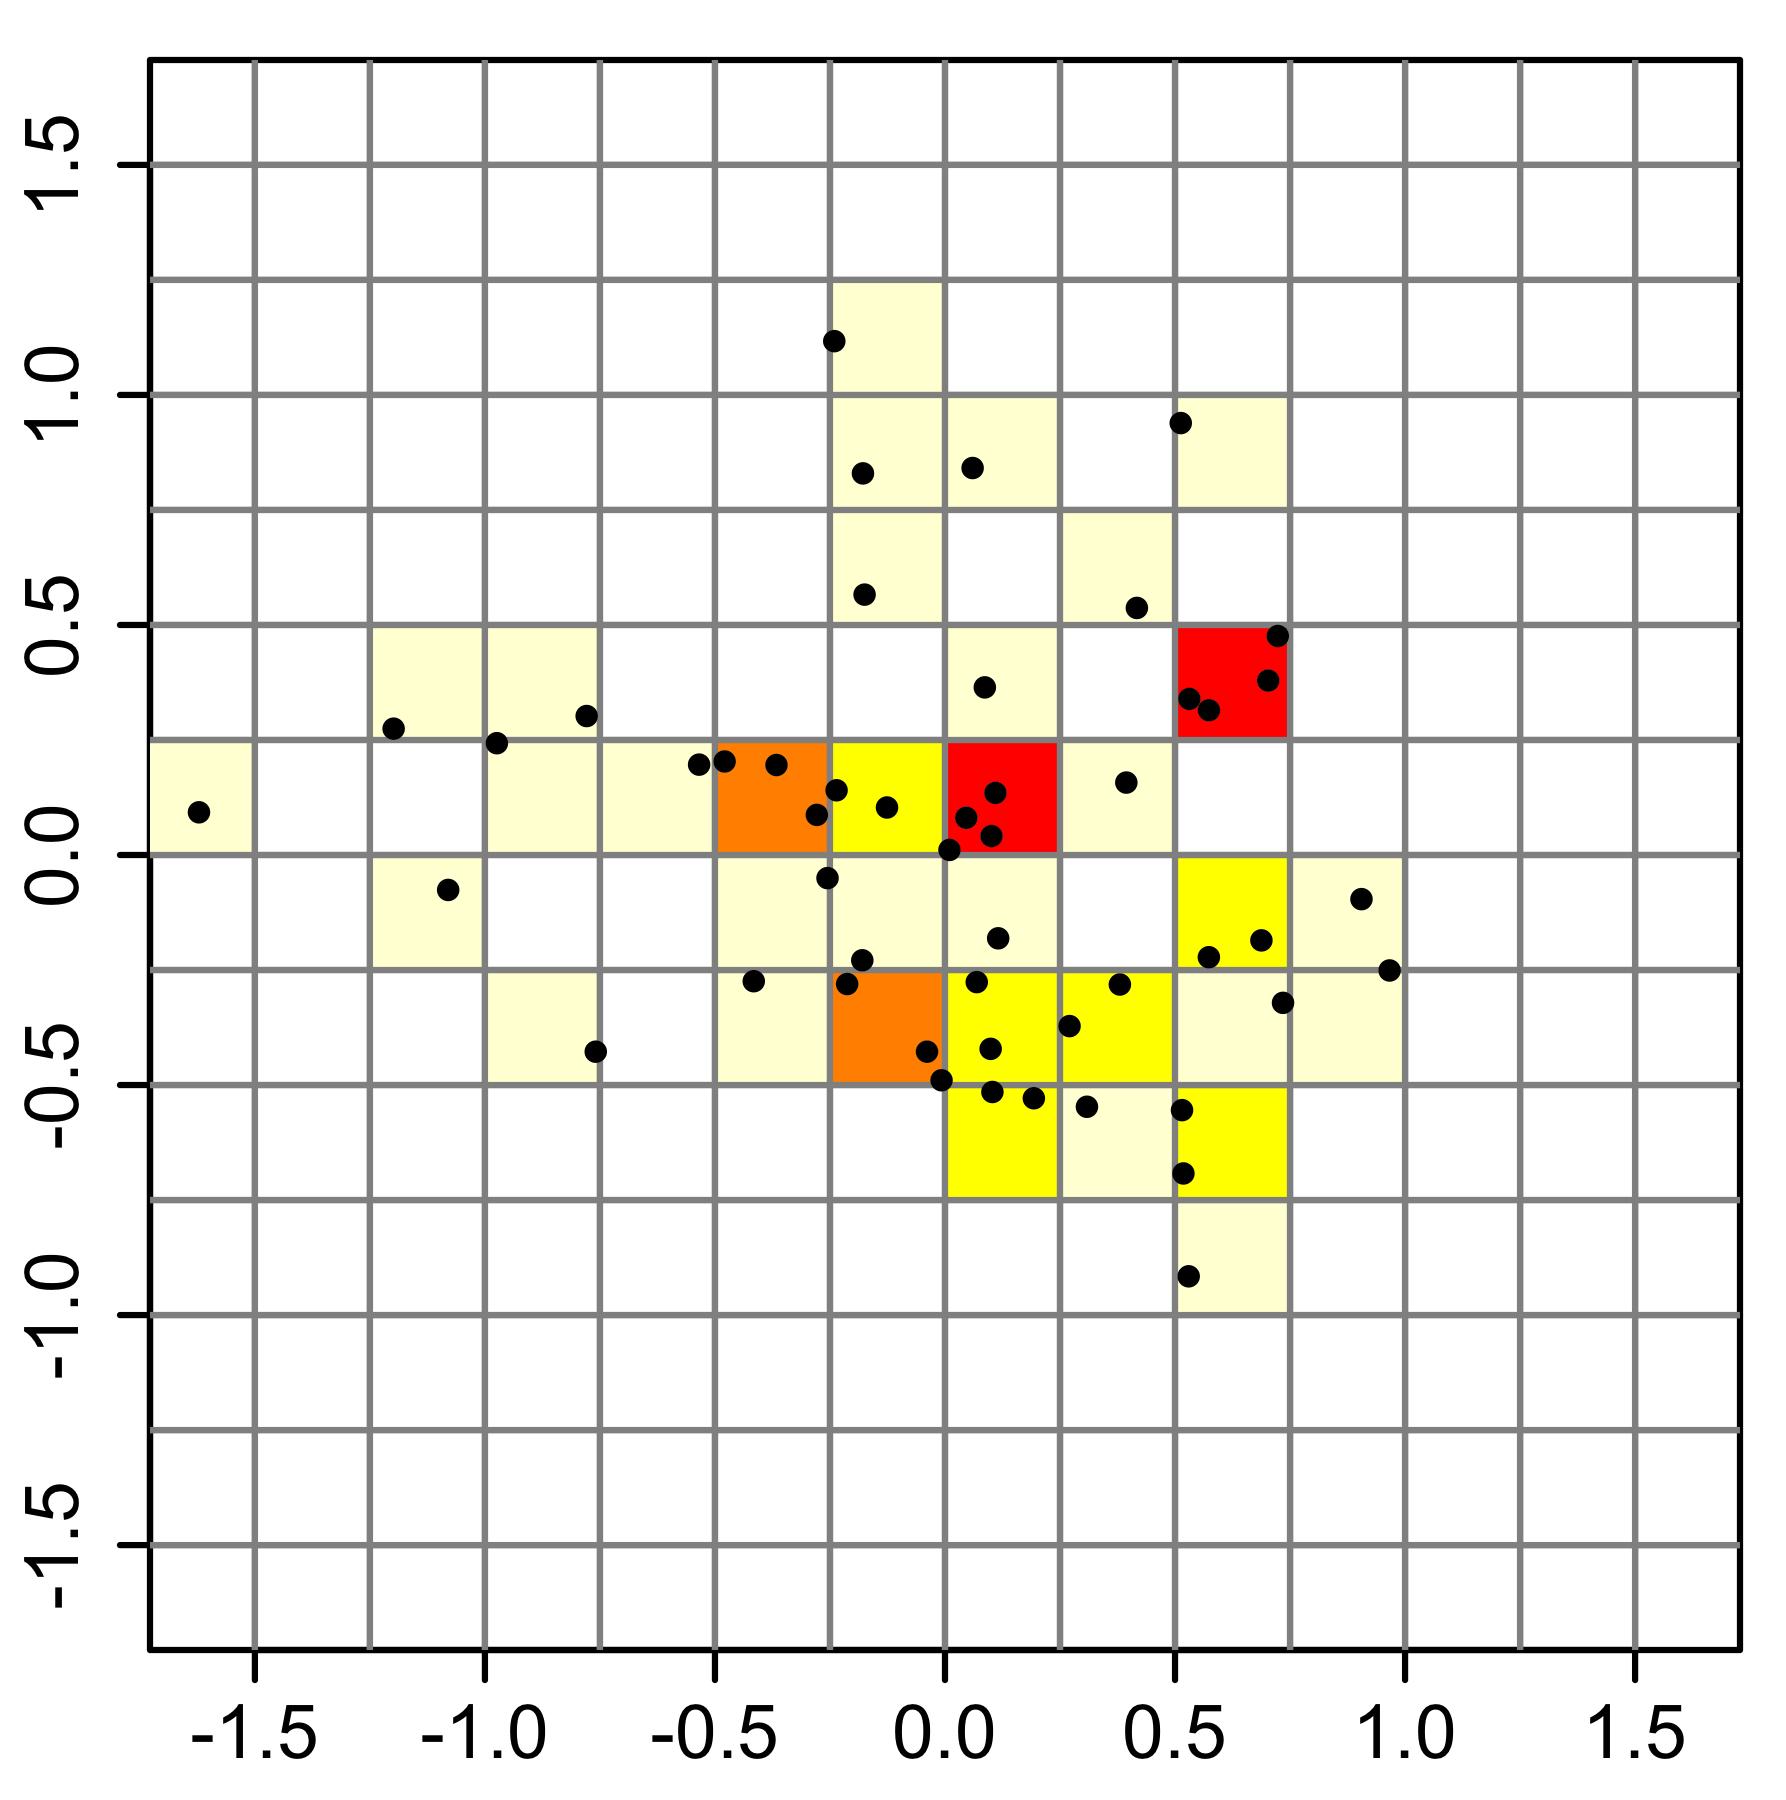 Logarithmic axes